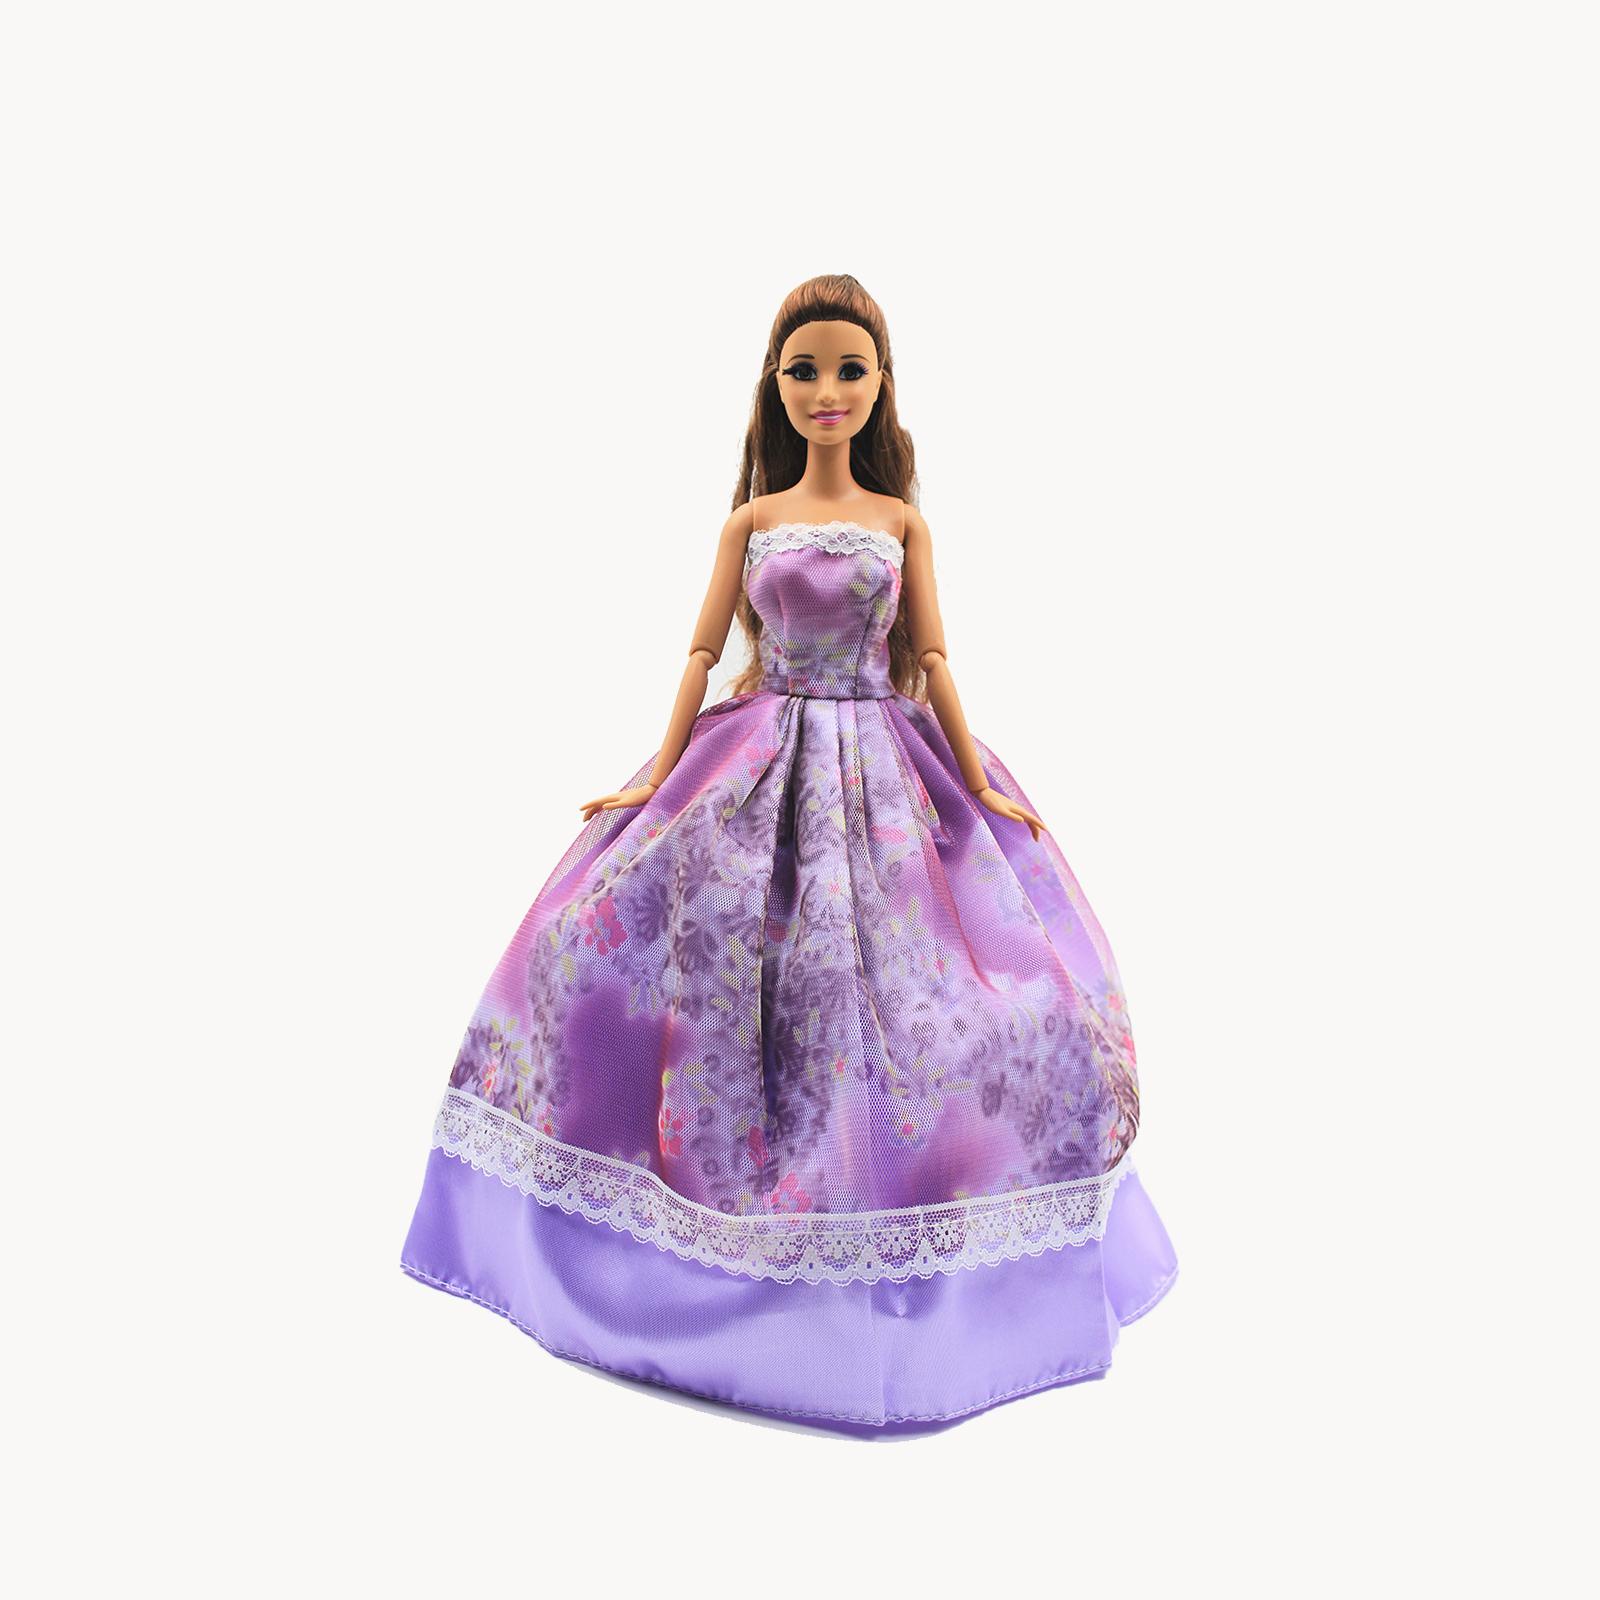 Asombroso Barbie Se Visten De Boda Colección de Imágenes - Vestido ...